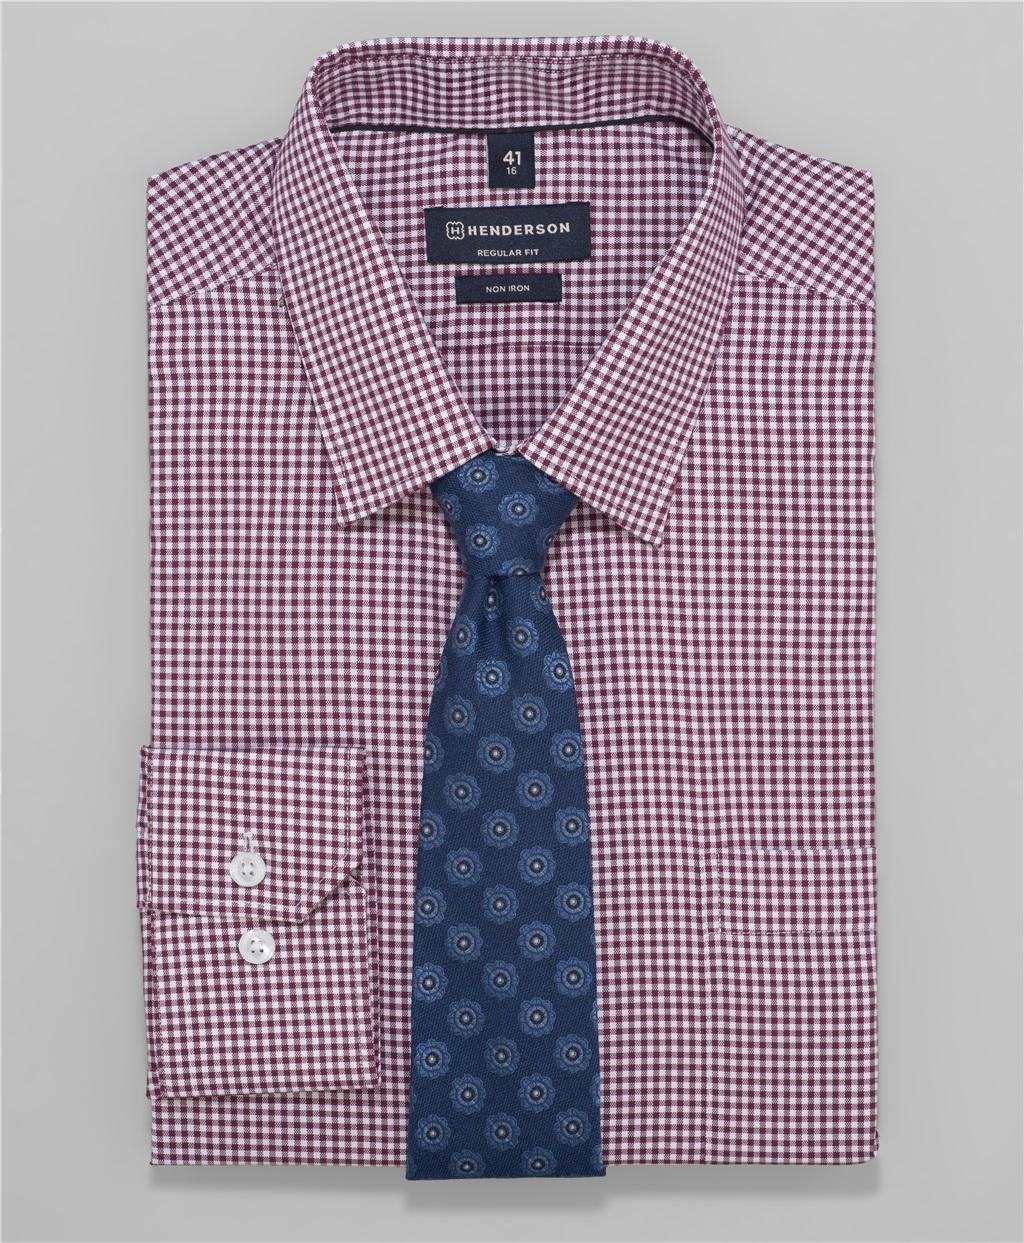 Рубашка прямой силуэт HENDERSON SHL-1454 BORDO фото